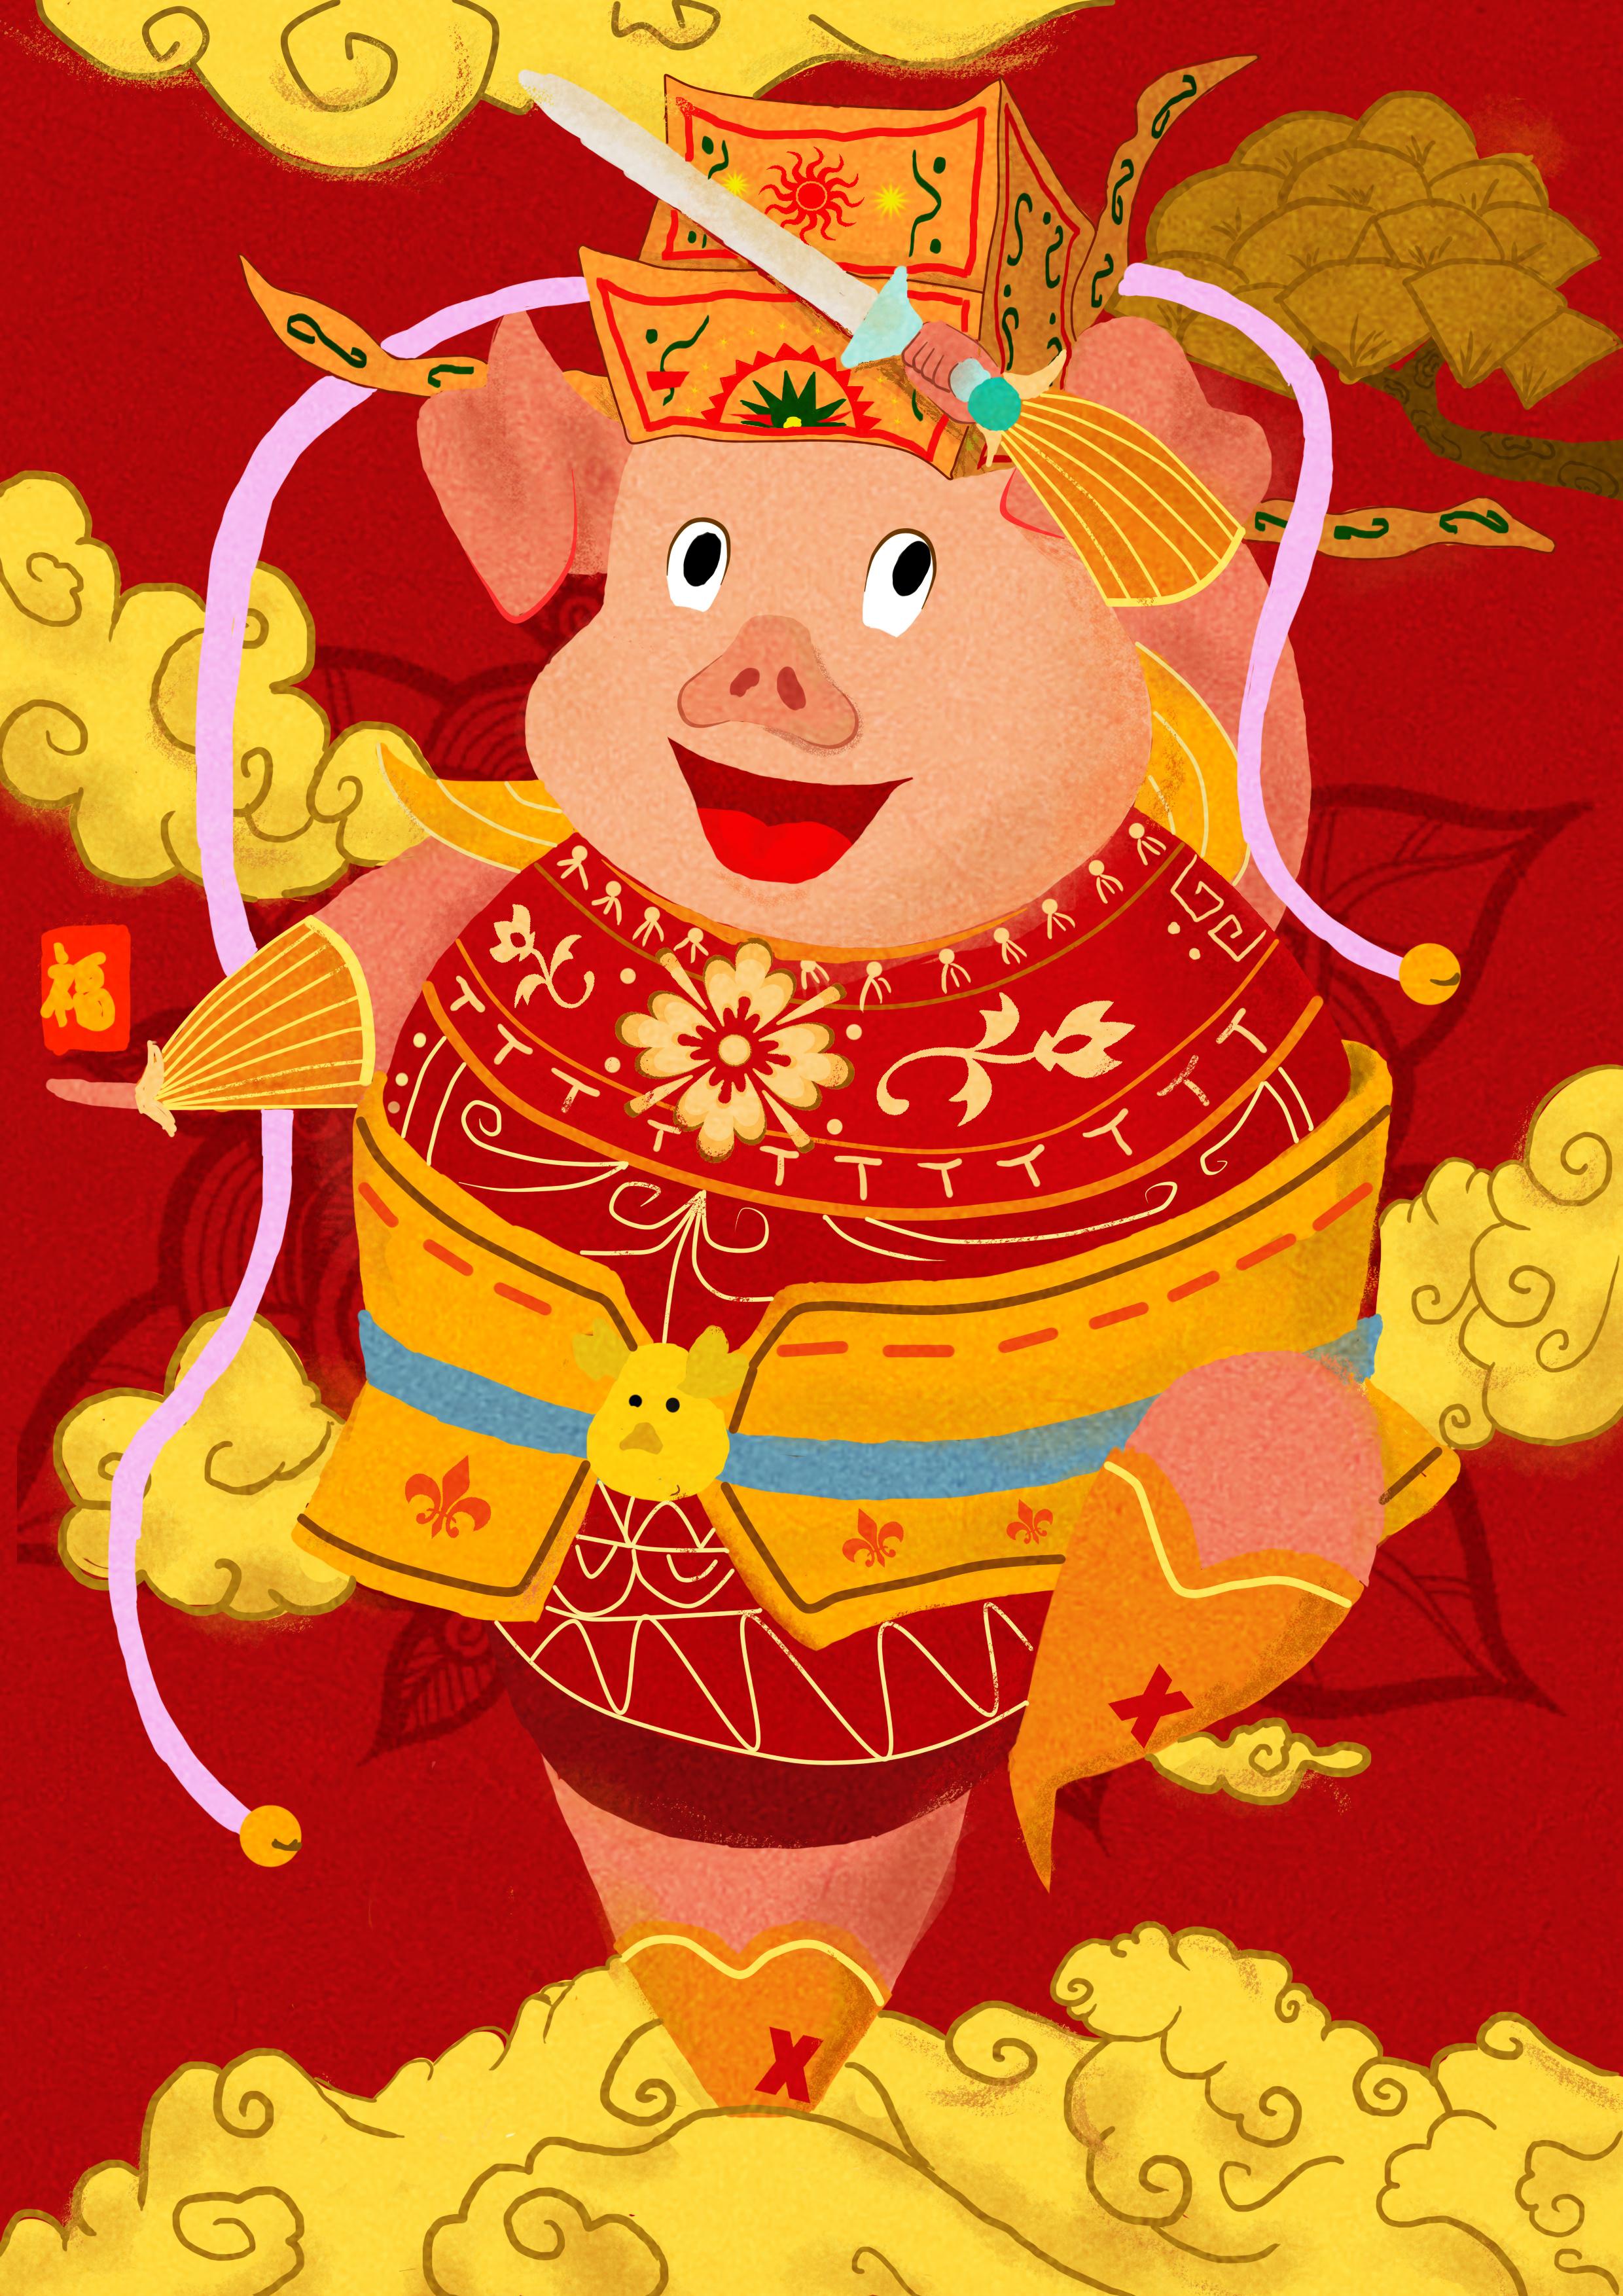 猪年门神 插画 商业插画 无名遇画 - 原创作品 - 站酷图片